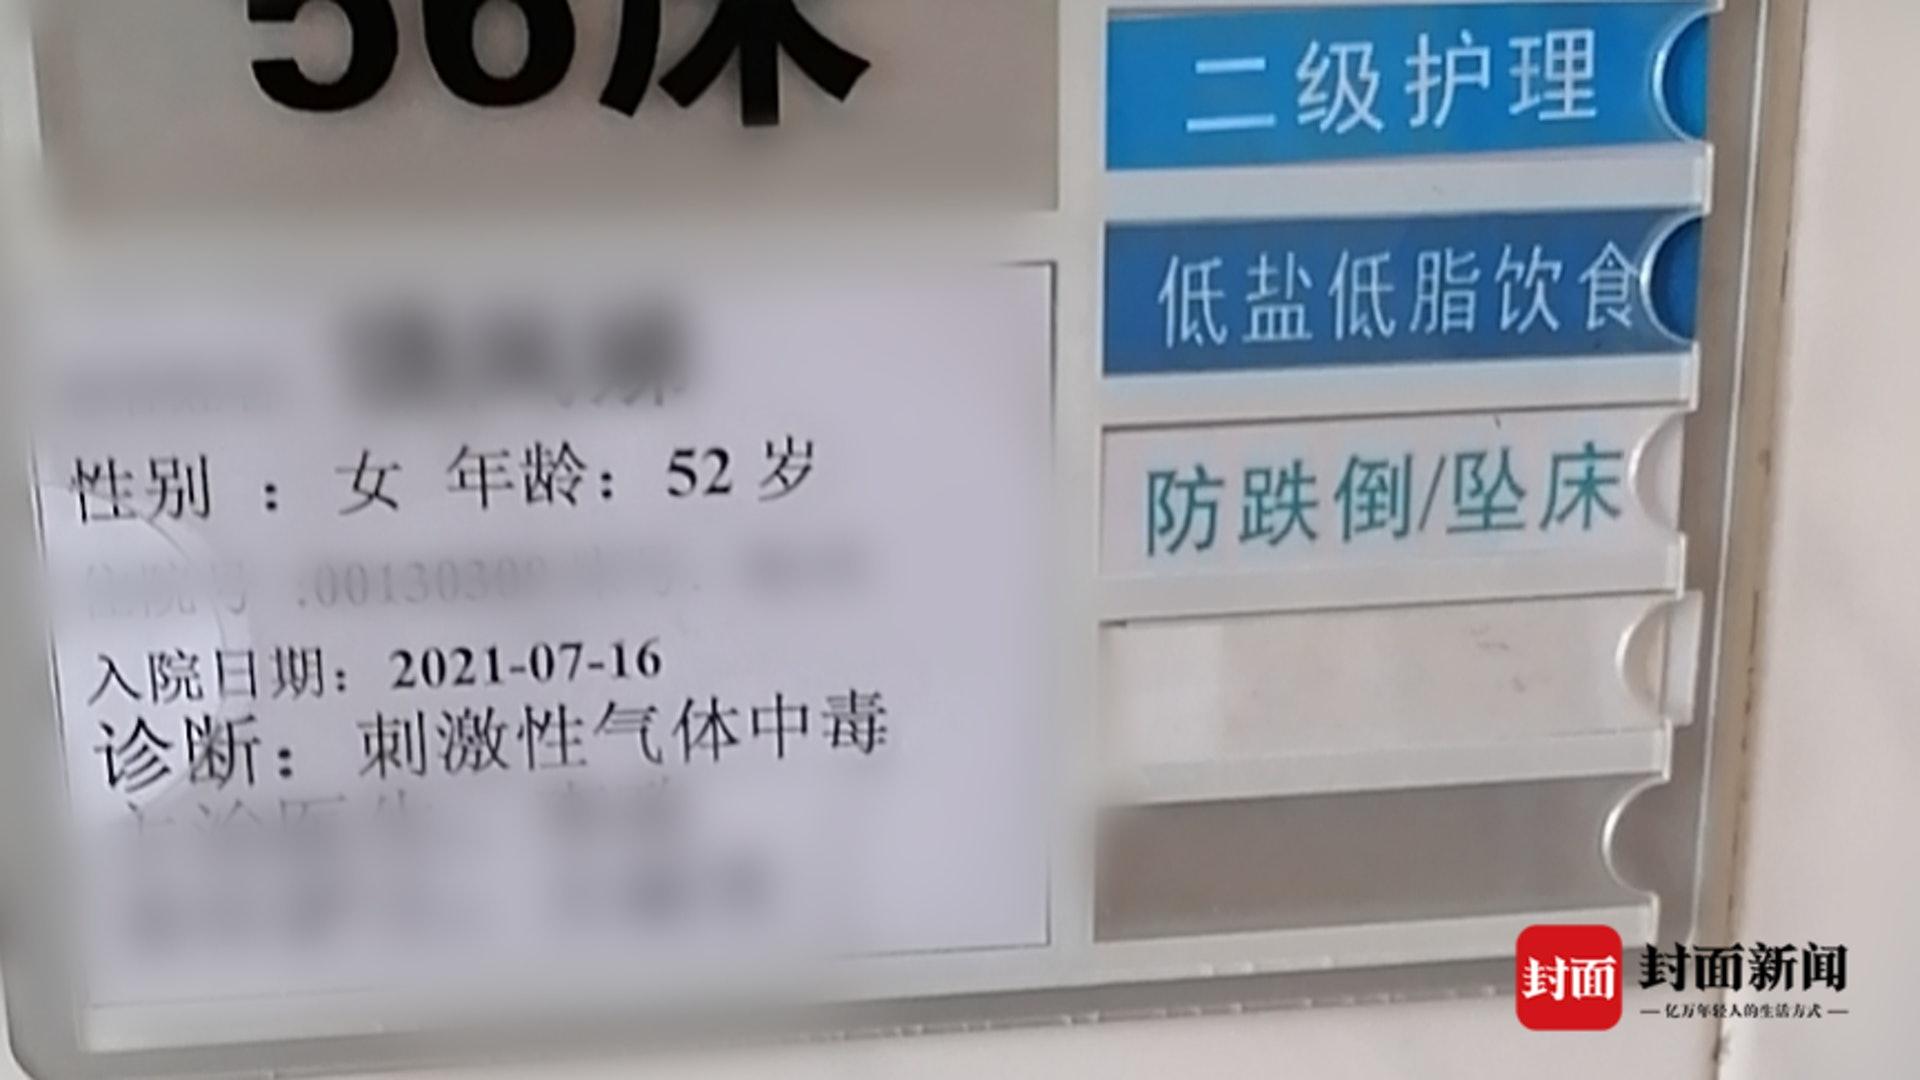 村民病曆卡顯示診斷結果為刺激性氣體中毒。(封面新聞)